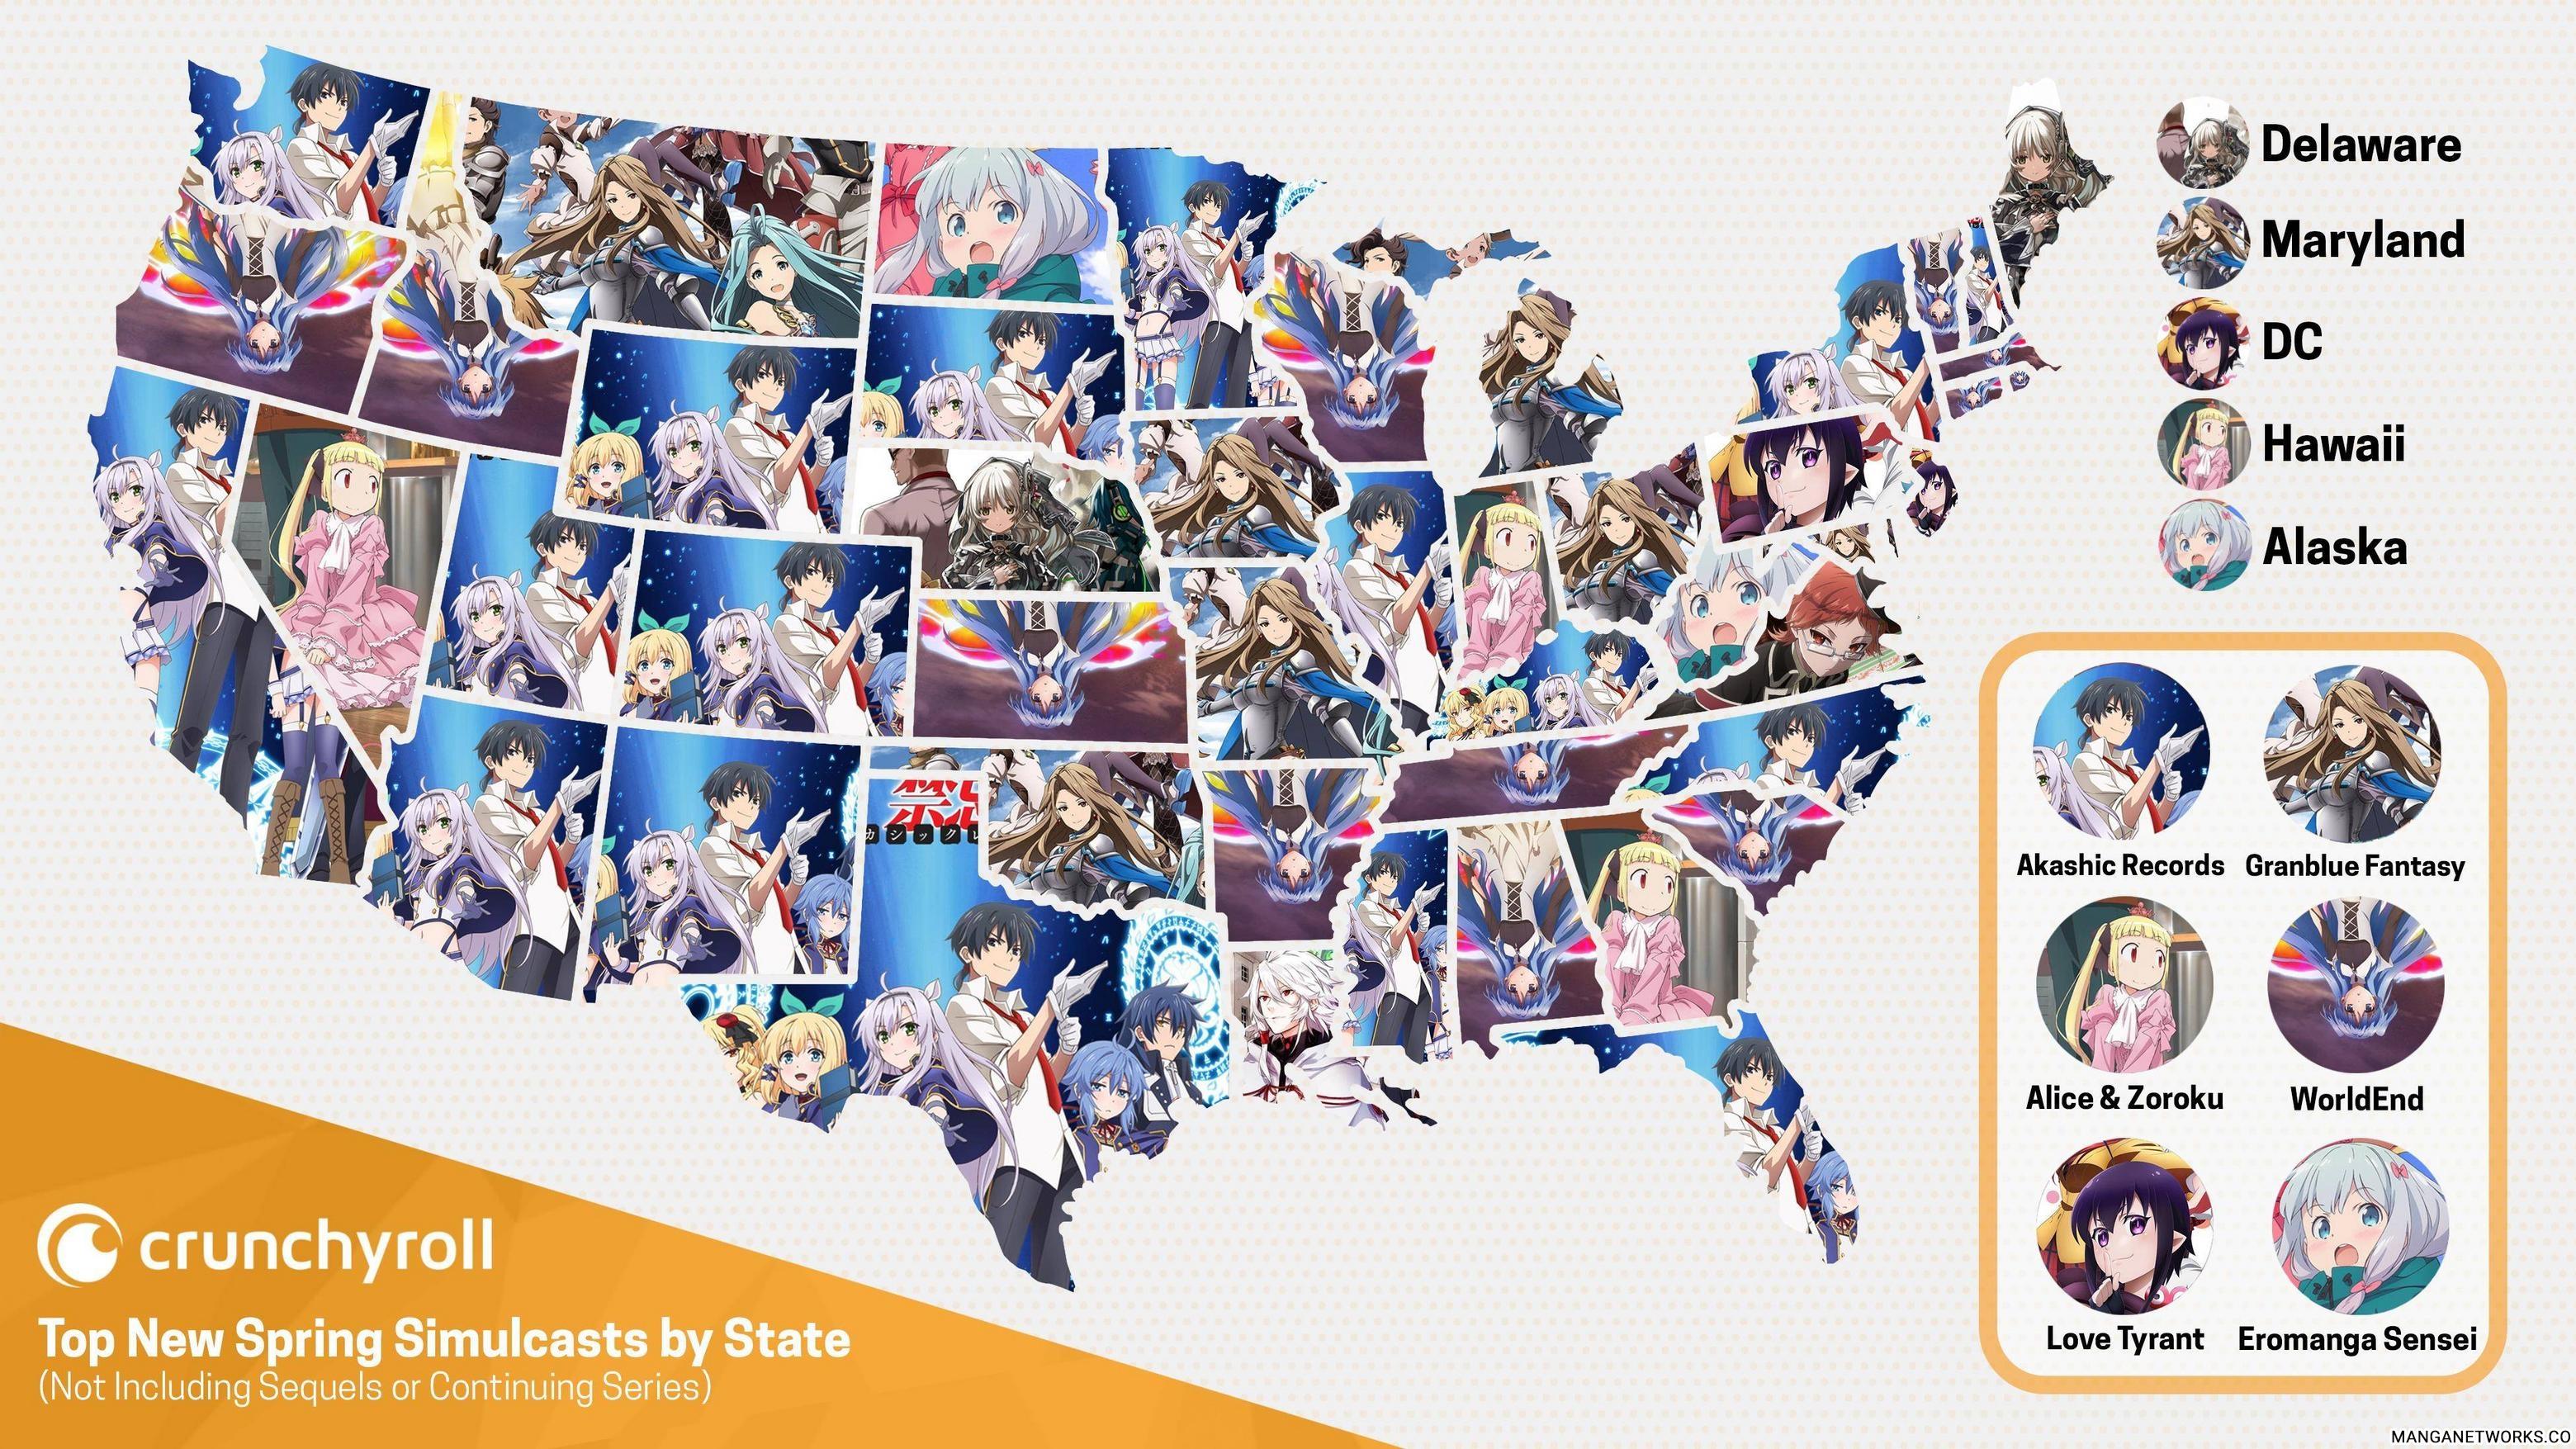 34031847964 41e797cd76 o Cùng điểm tên những bộ Anime được khán giả Hoa Kỳ xem nhiều nhất trong mùa xuân 2017